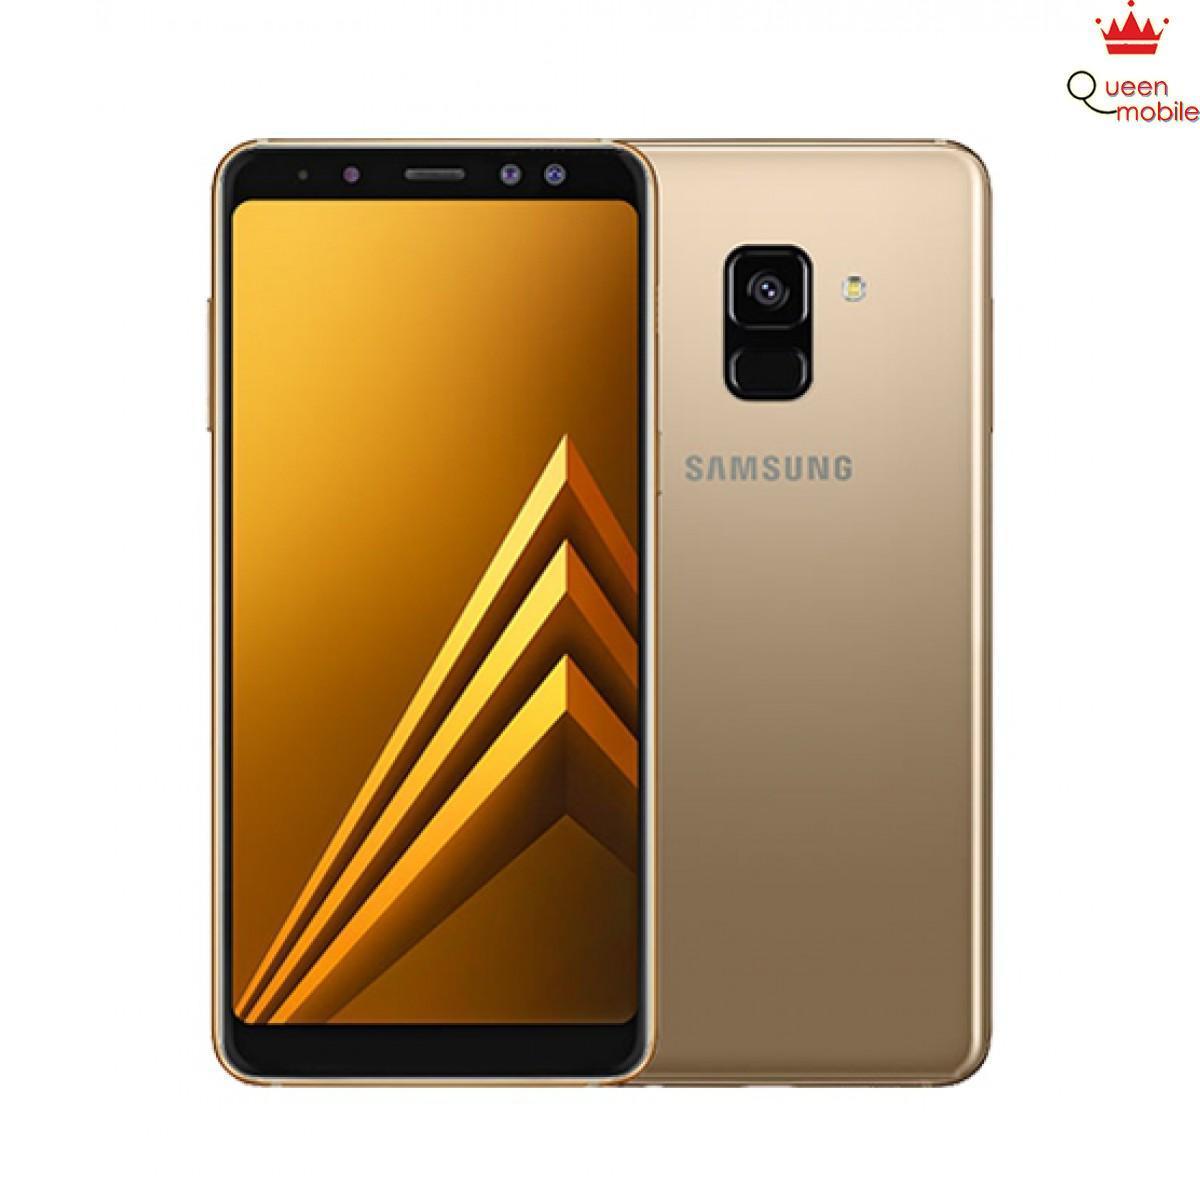 Samsung Galaxy A8 Plus 2018 Vàng – Review và Đánh giá sản phẩm